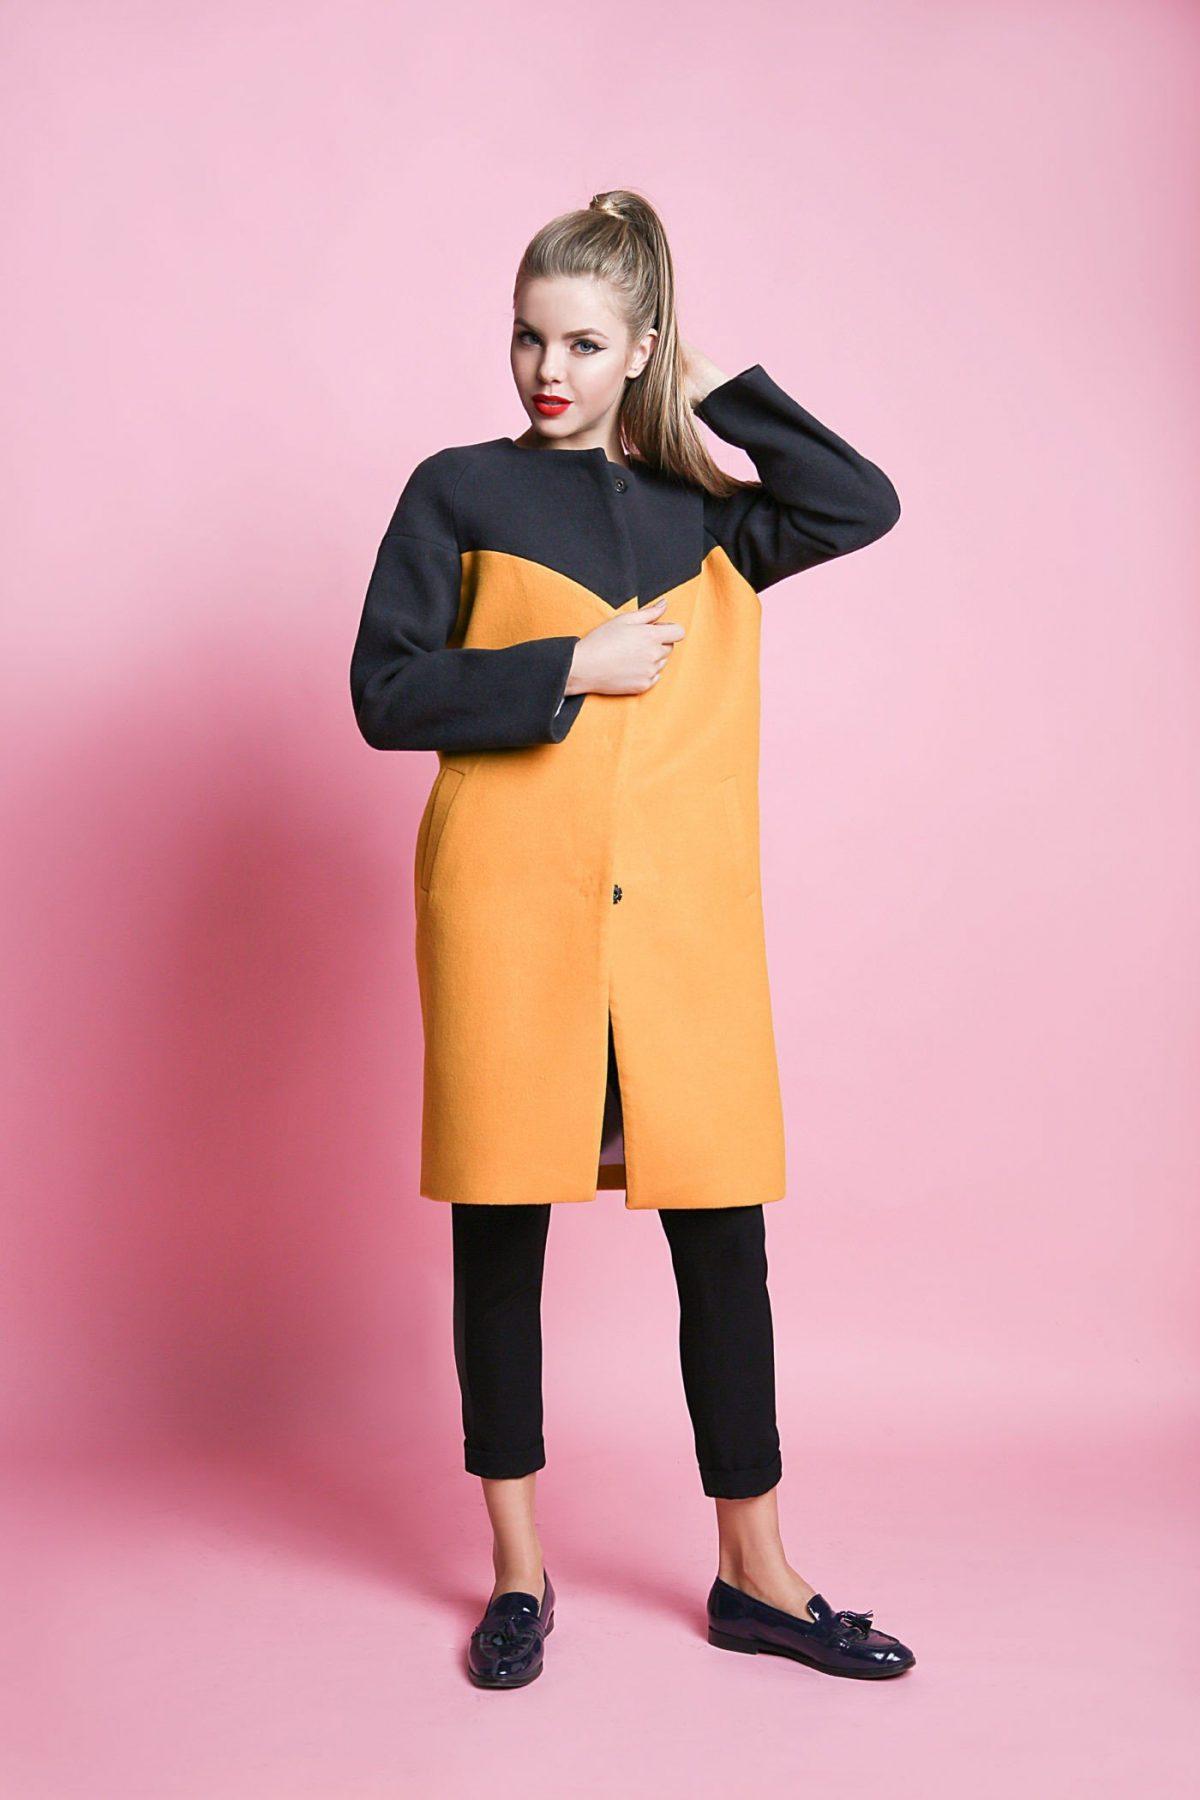 с чем носить брюки с высокой талией короткие под пальто в два цвета